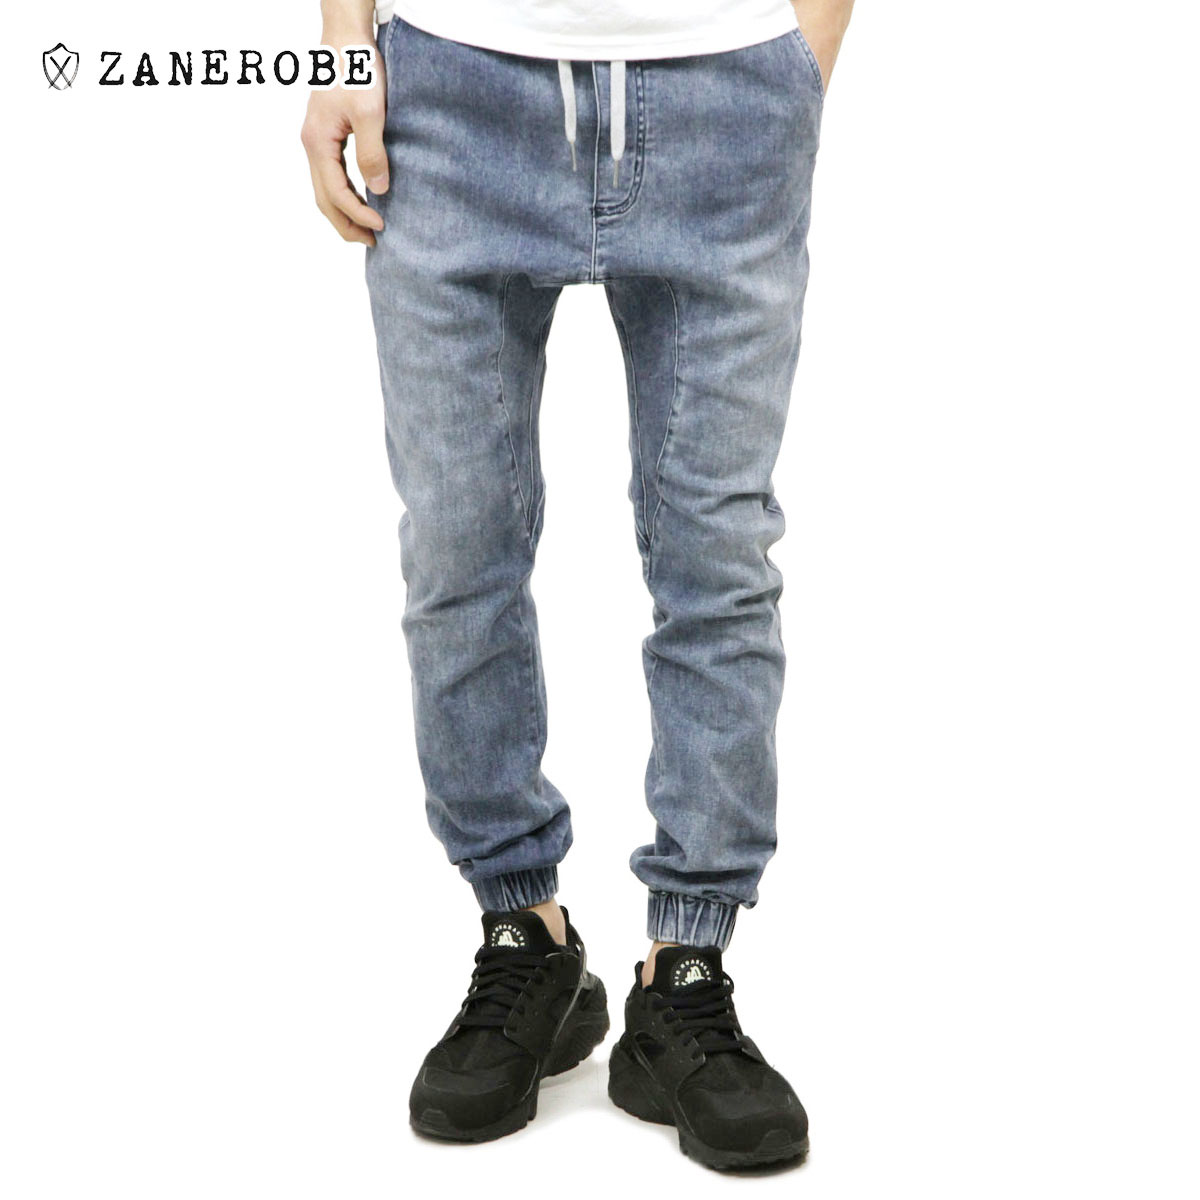 ゼンローブ ZANEROBE 正規販売店 メンズ デニム ジョガーパンツ SURESHOT JOGGER DENIM PANTS DARK BLUE DENIM 705-WANI